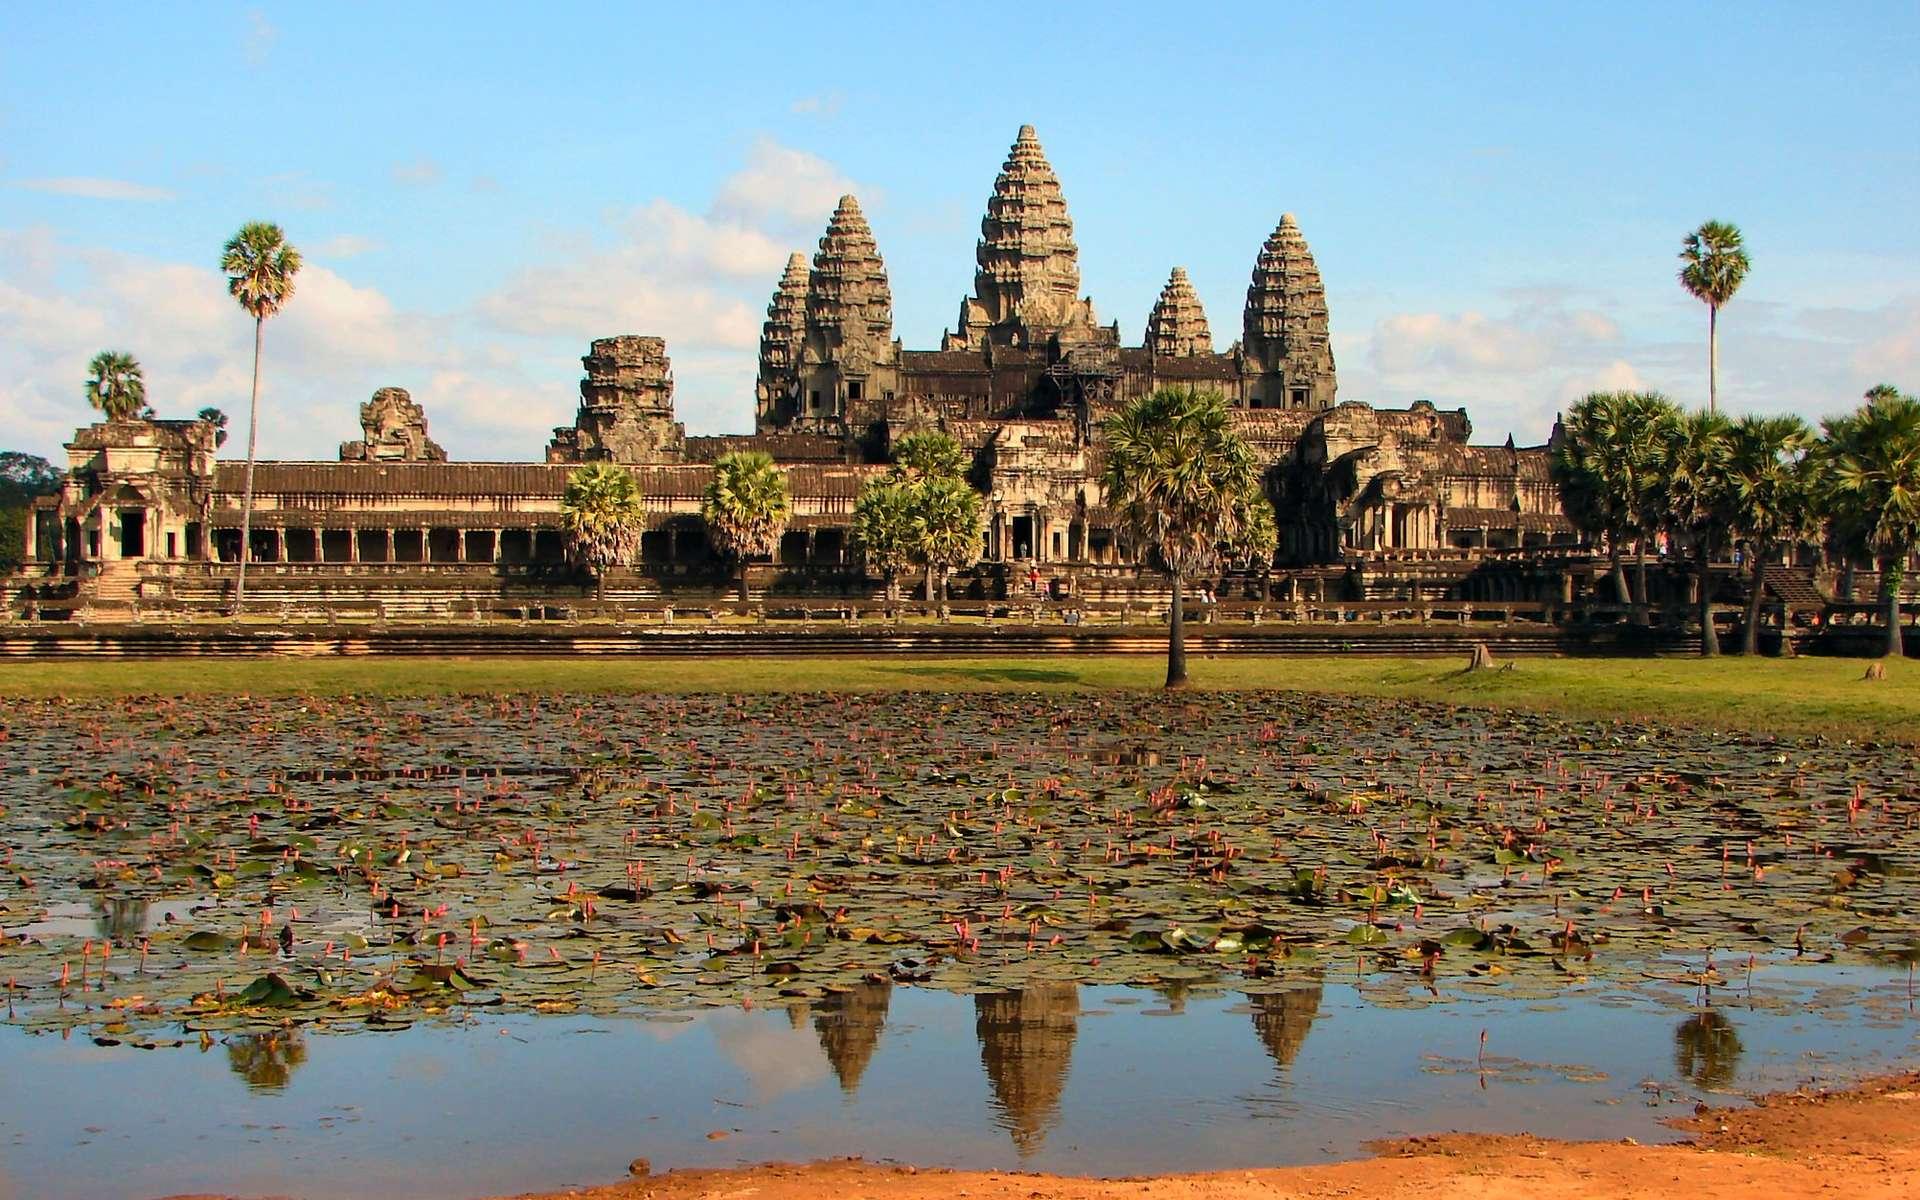 Angkor Vat est le plus grand temple de la cité d'Angkor, et est considéré par beaucoup comme la huitième merveille du monde. Il est devenu le symbole du Cambodge et figure sur le drapeau national. © Bjørn Christian Tørrissen, Wikipédia, GNU 1.2